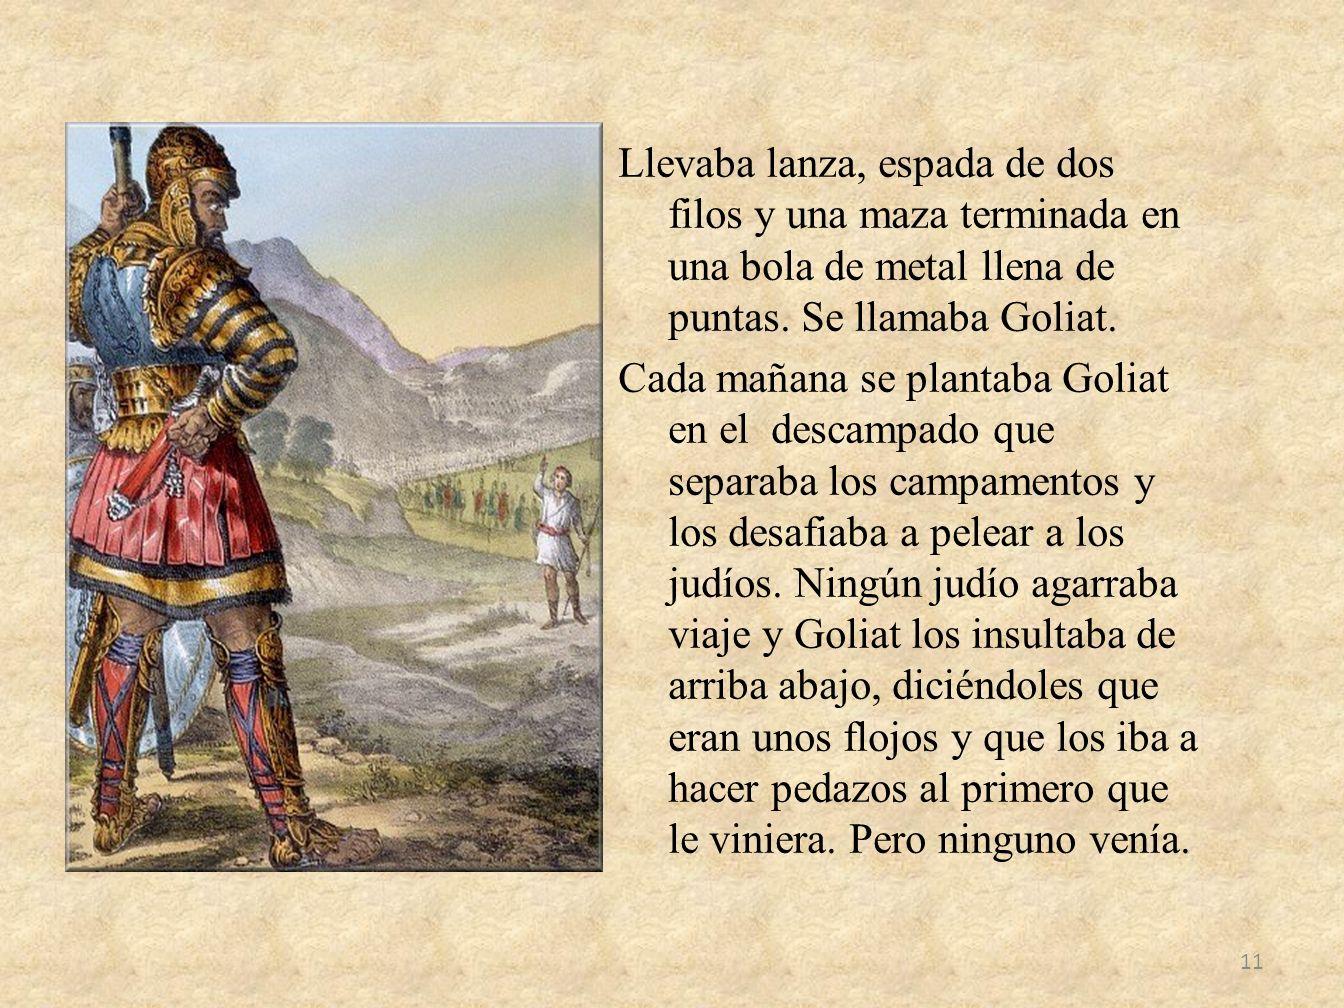 Llevaba lanza, espada de dos filos y una maza terminada en una bola de metal llena de puntas.